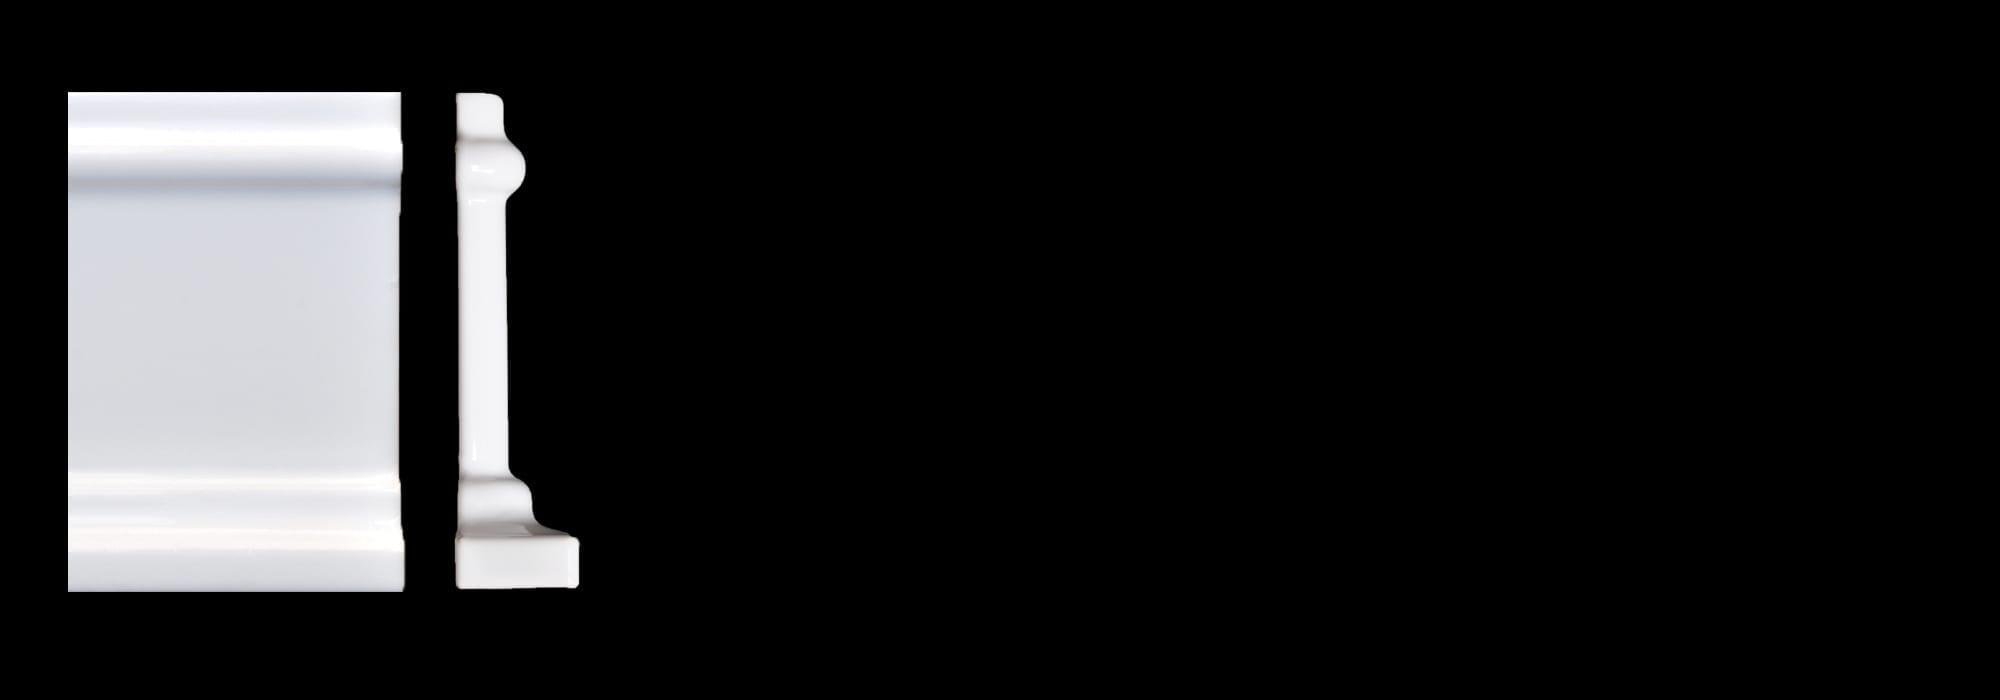 פינה לפנל קרמיקה לבן מבריק 7.5*15 by Milstone